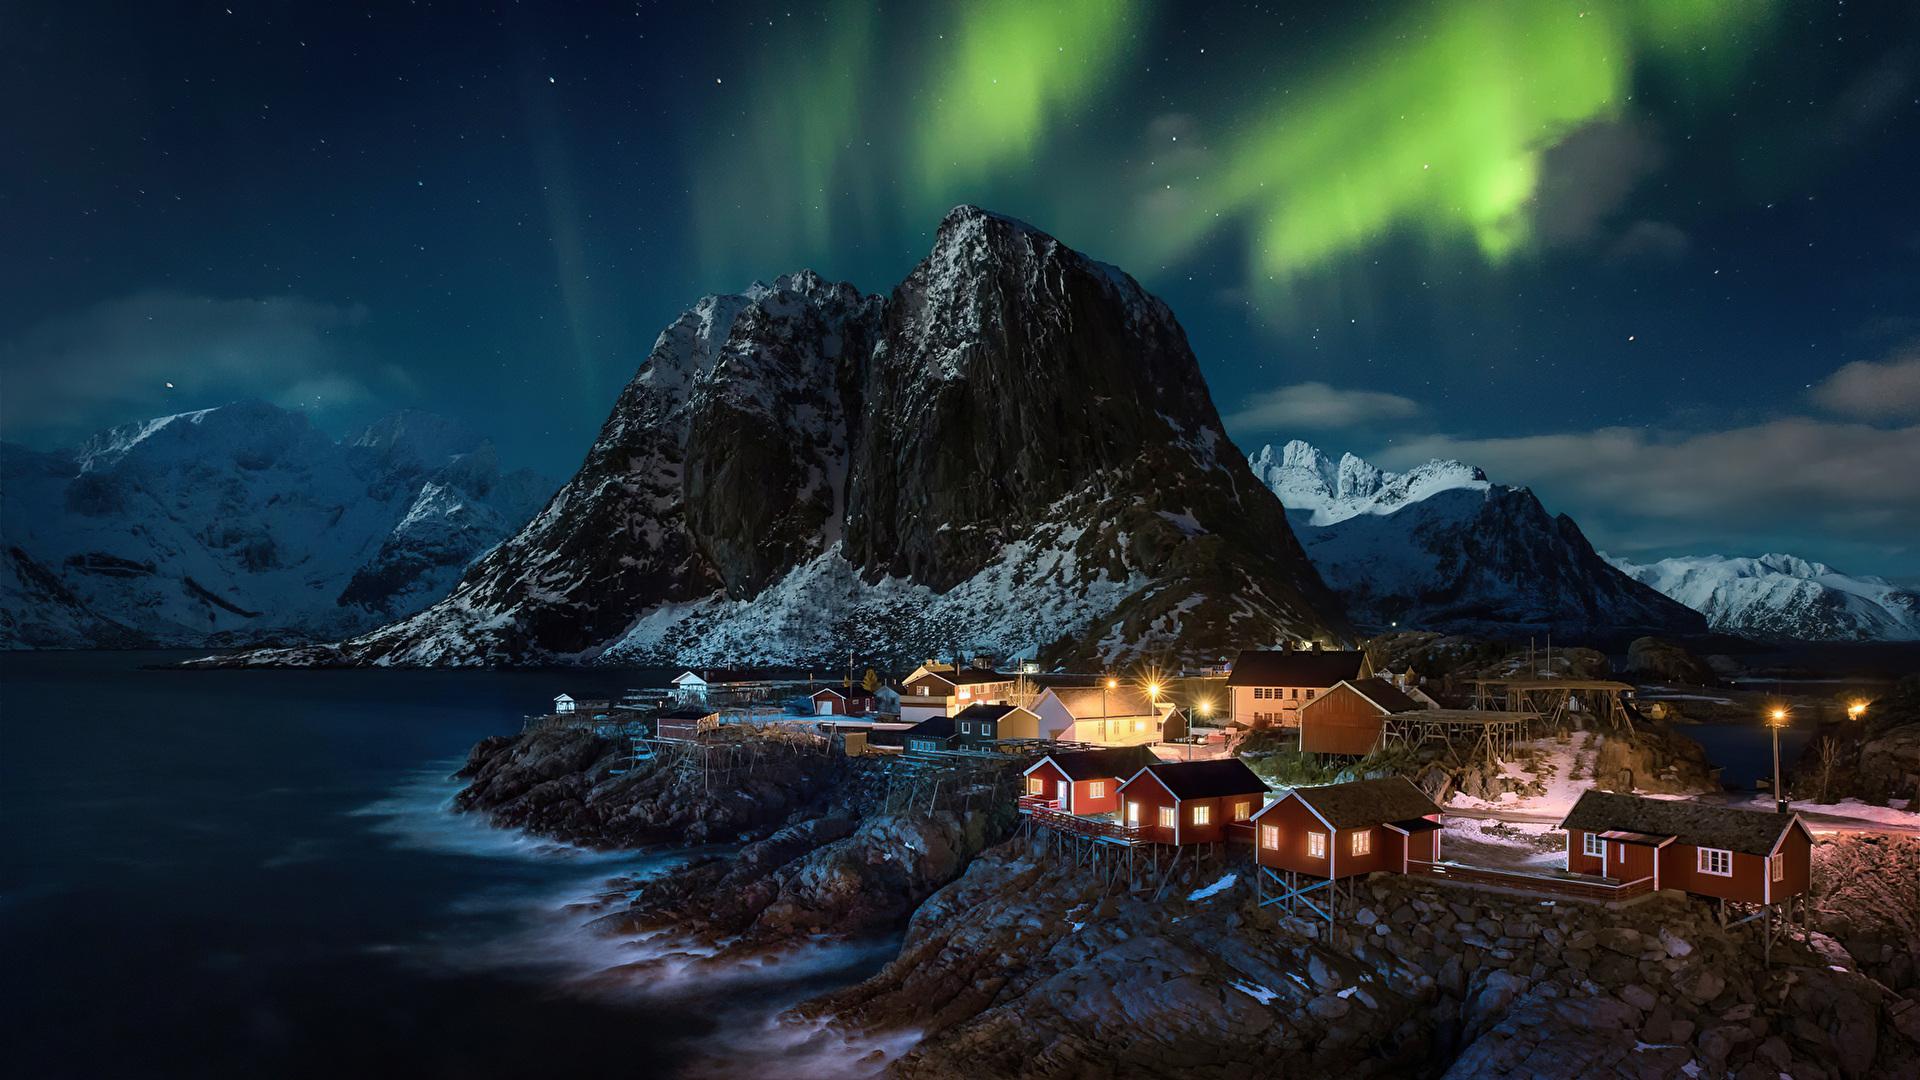 lofoten-norway-village-aurora-northern-lights-4k-pb.jpg